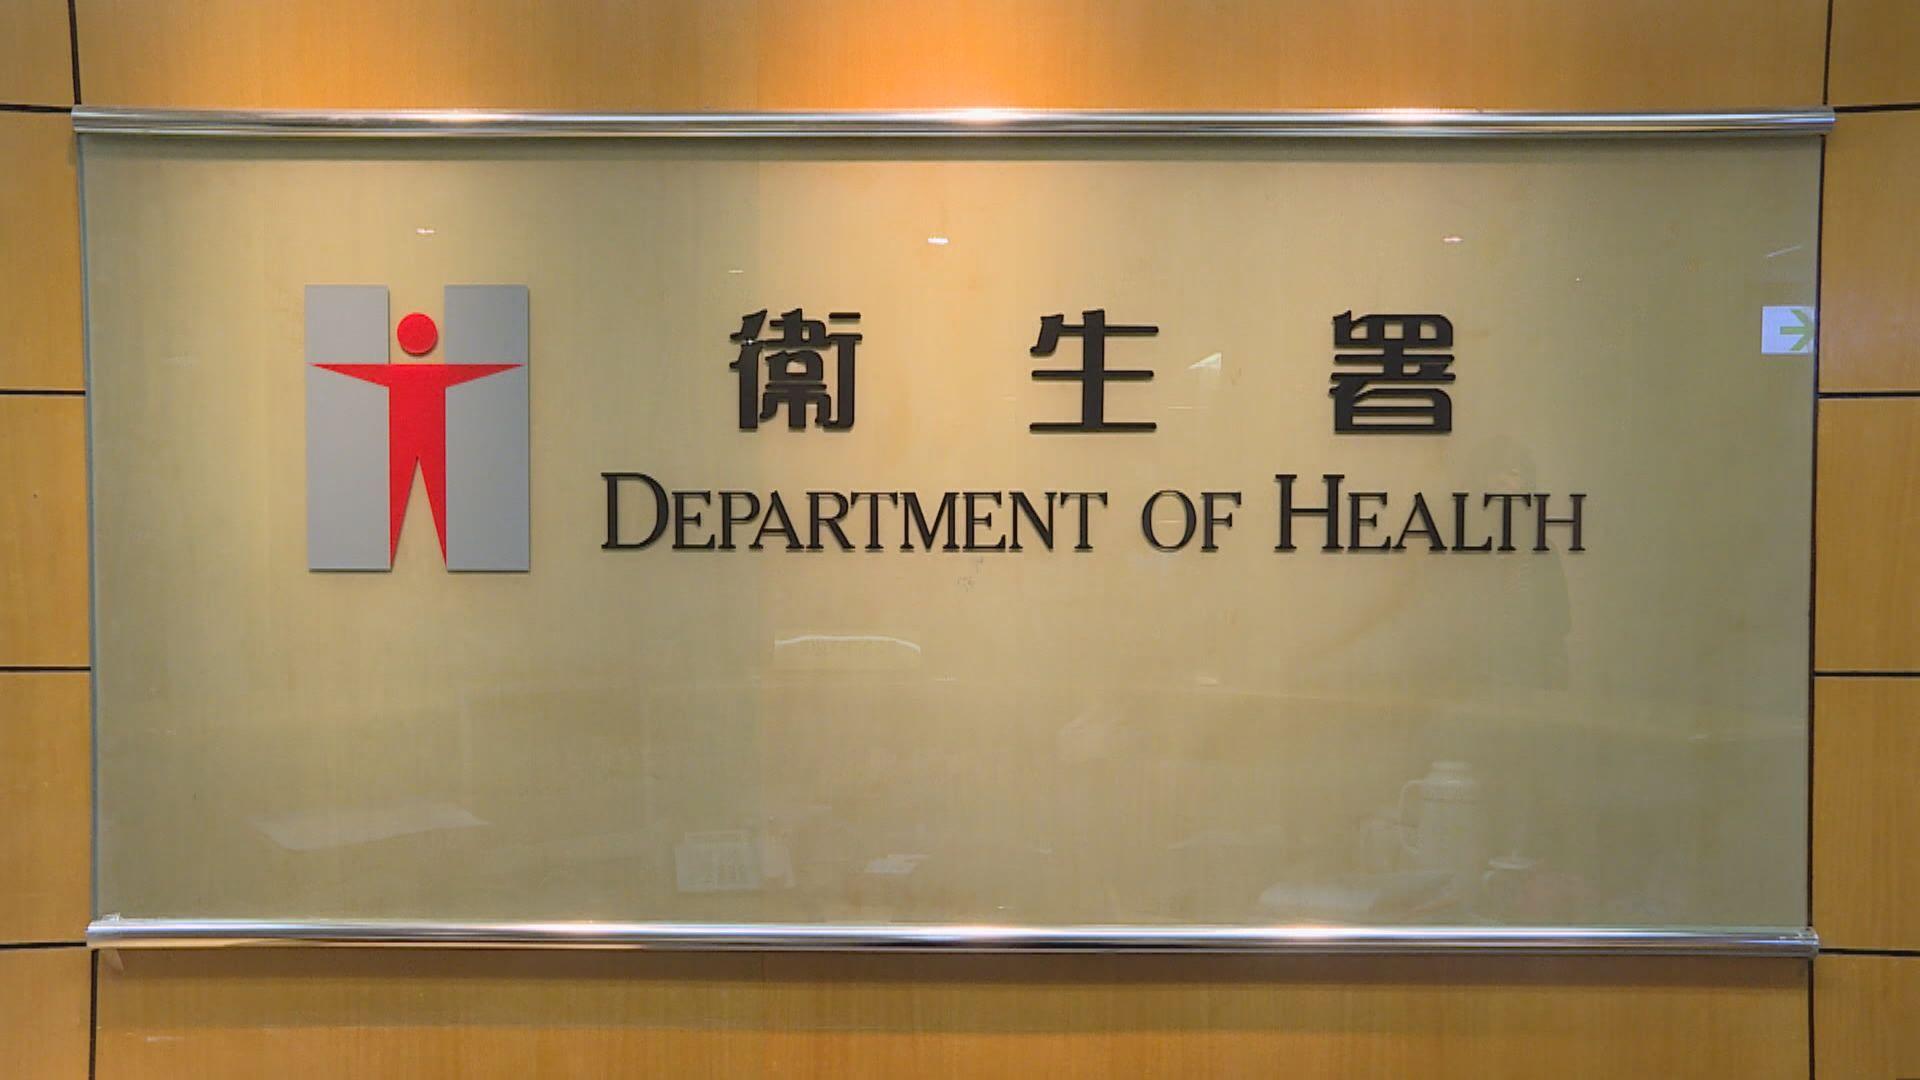 衞生署上周接獲166宗涉接種疫苗異常報告